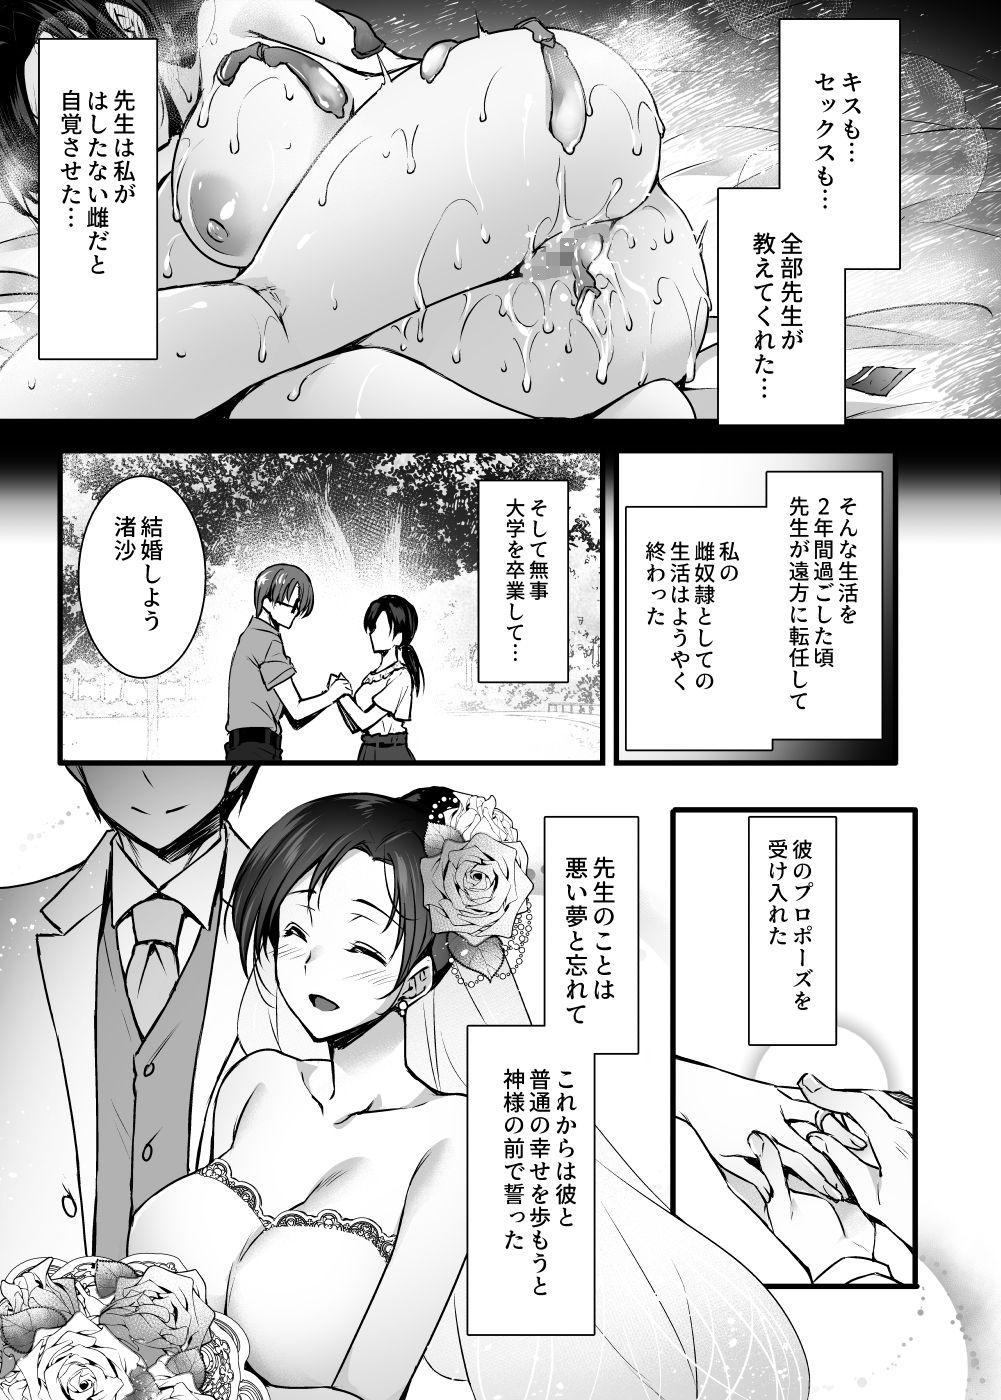 Tsuma no Hajimete no Otoko 13